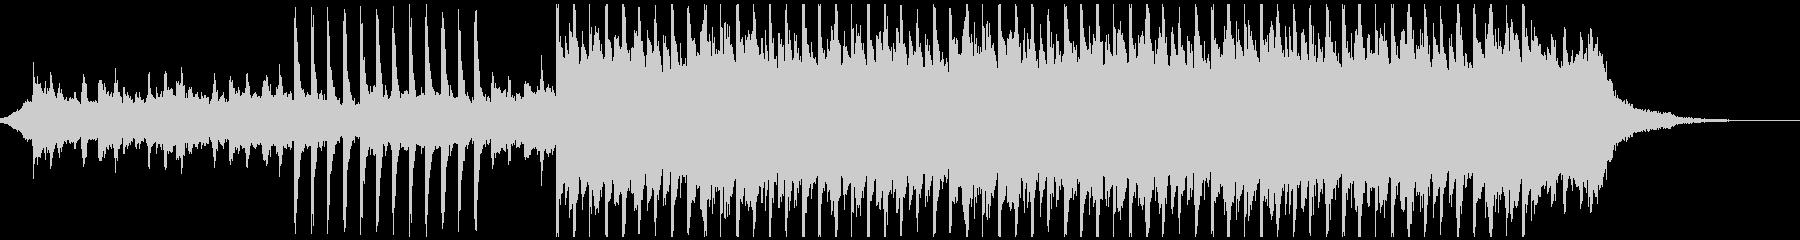 ハッピーコーポレート(60秒)の未再生の波形